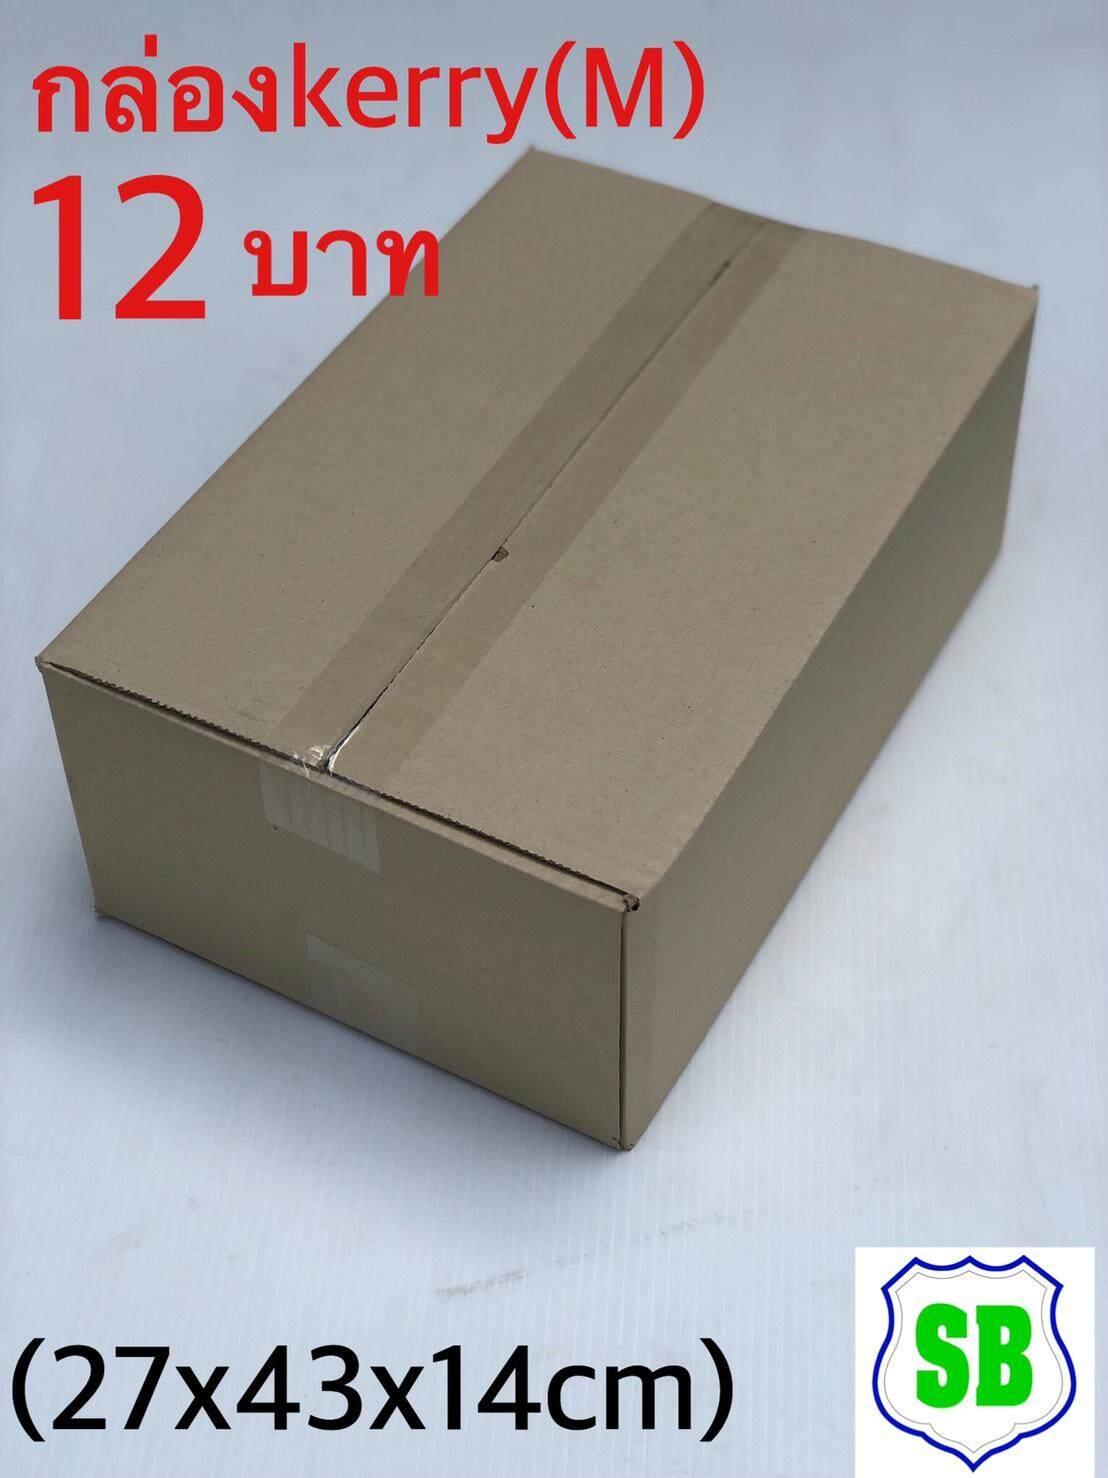 สุดยอดสินค้า!! กล่องkerry(m) 27x43x20 cm  มัดละ10ใบ ราคา 120บาท